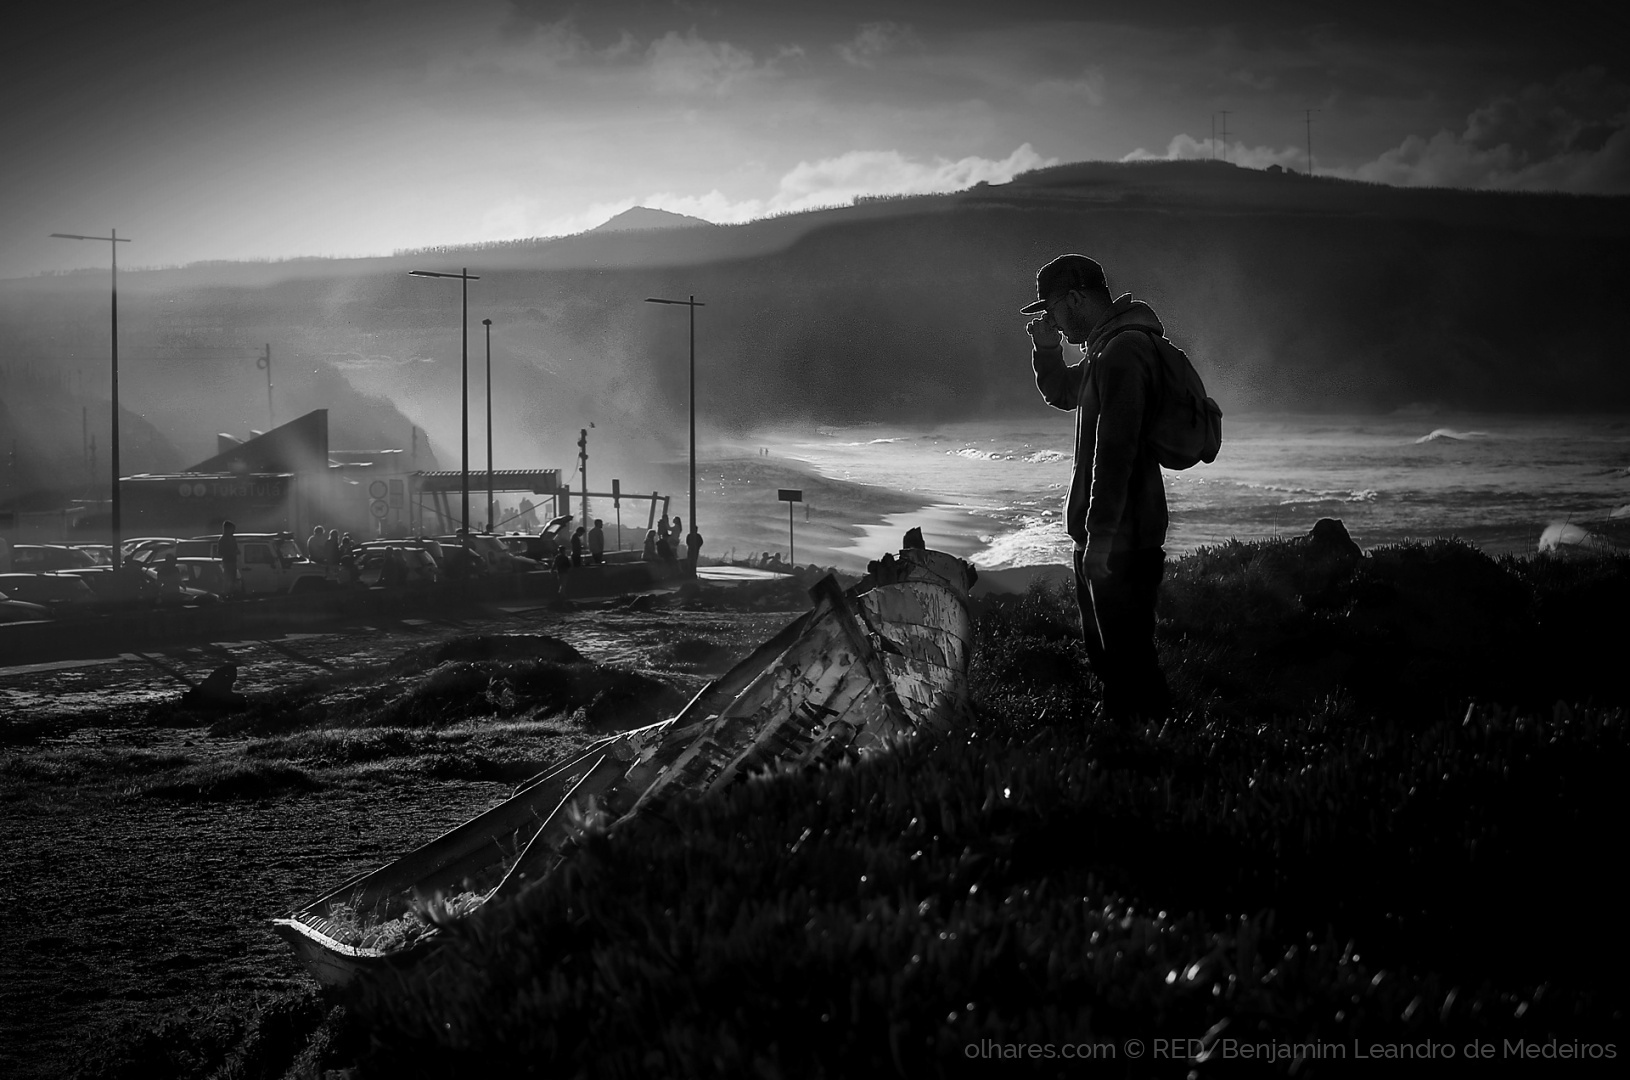 Retratos/IN/Portugal - Azores islands